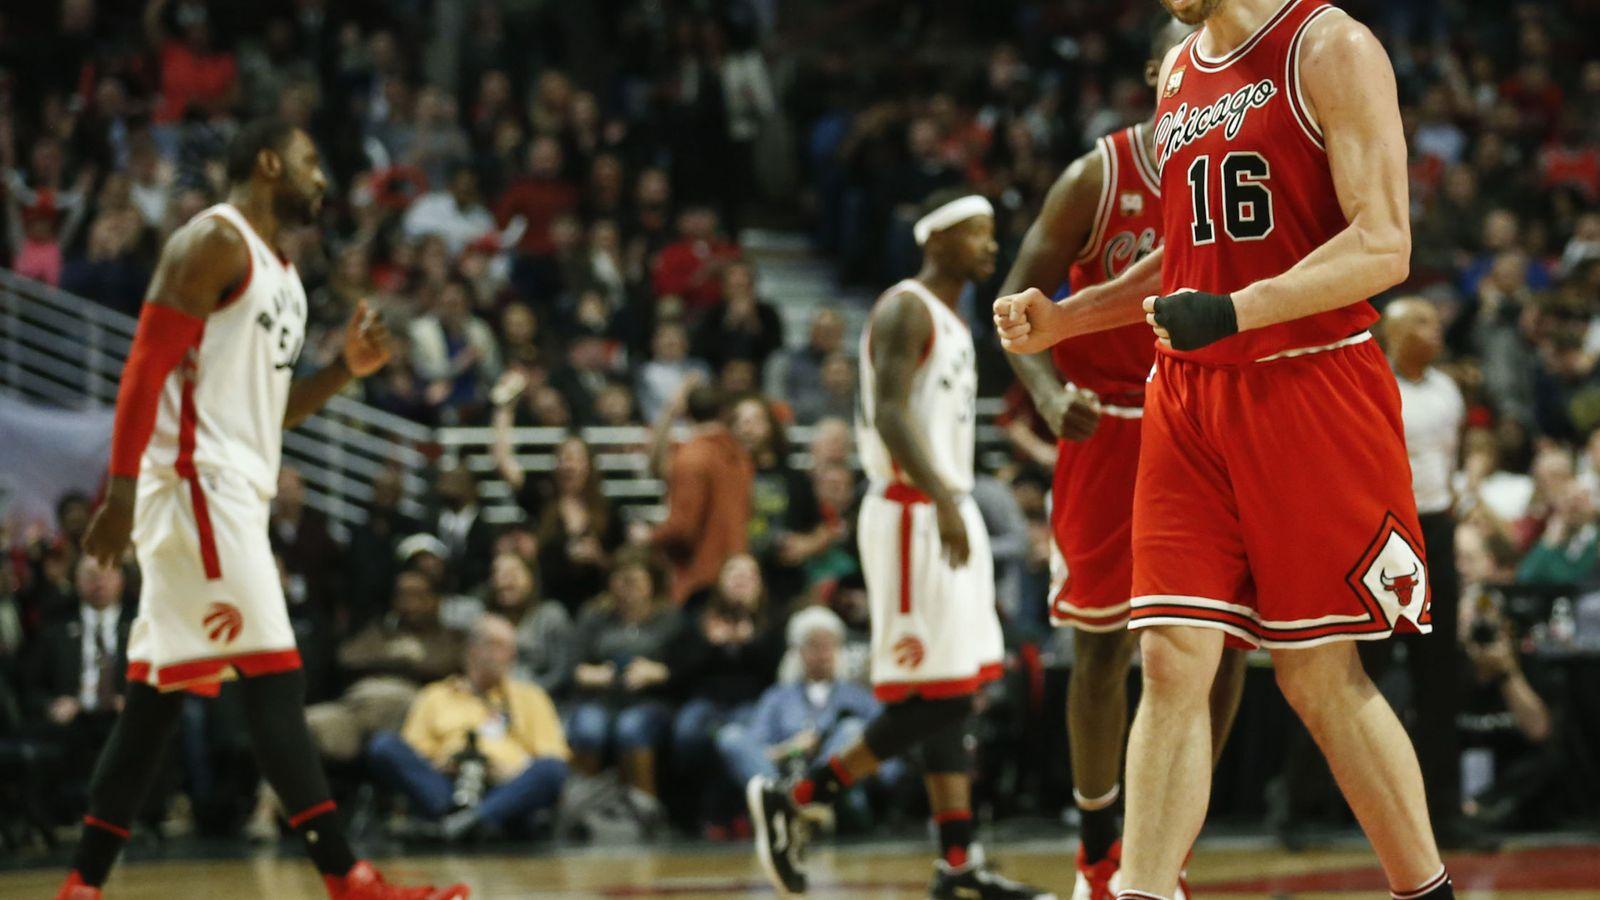 Foto: Pau Gasol fue el líder de los Bulls frente a los Raptors (Efe).